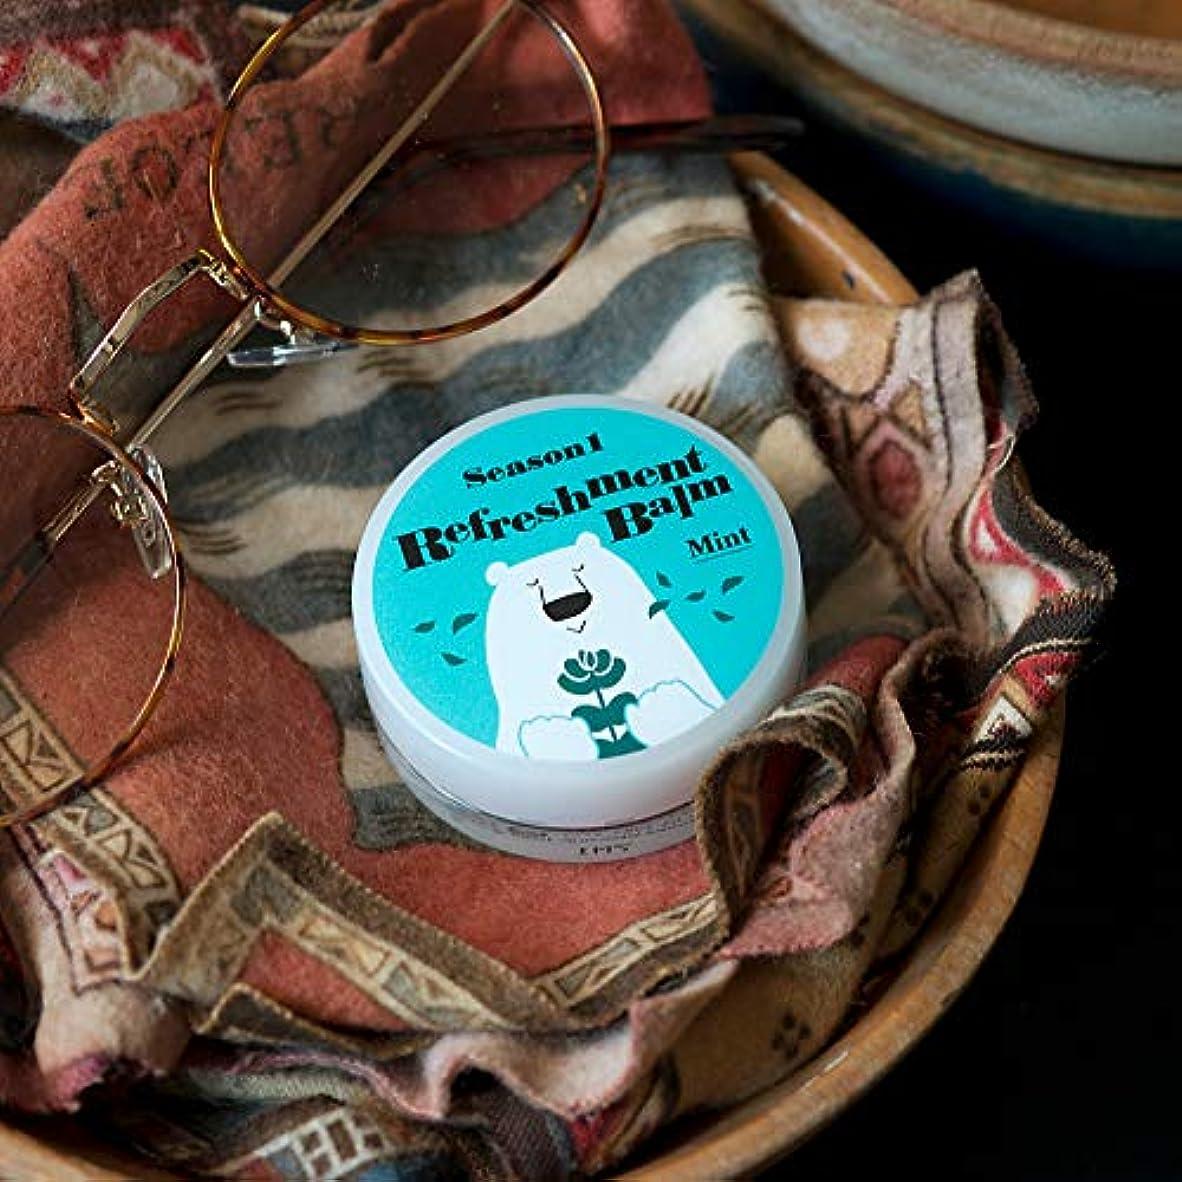 仕出します締め切りスタイル(美健)BIKEN カサカサ鼻にひと塗り リフレッシュメントバーム ミント エッセンシャルオイル(精油)のみで香り付け